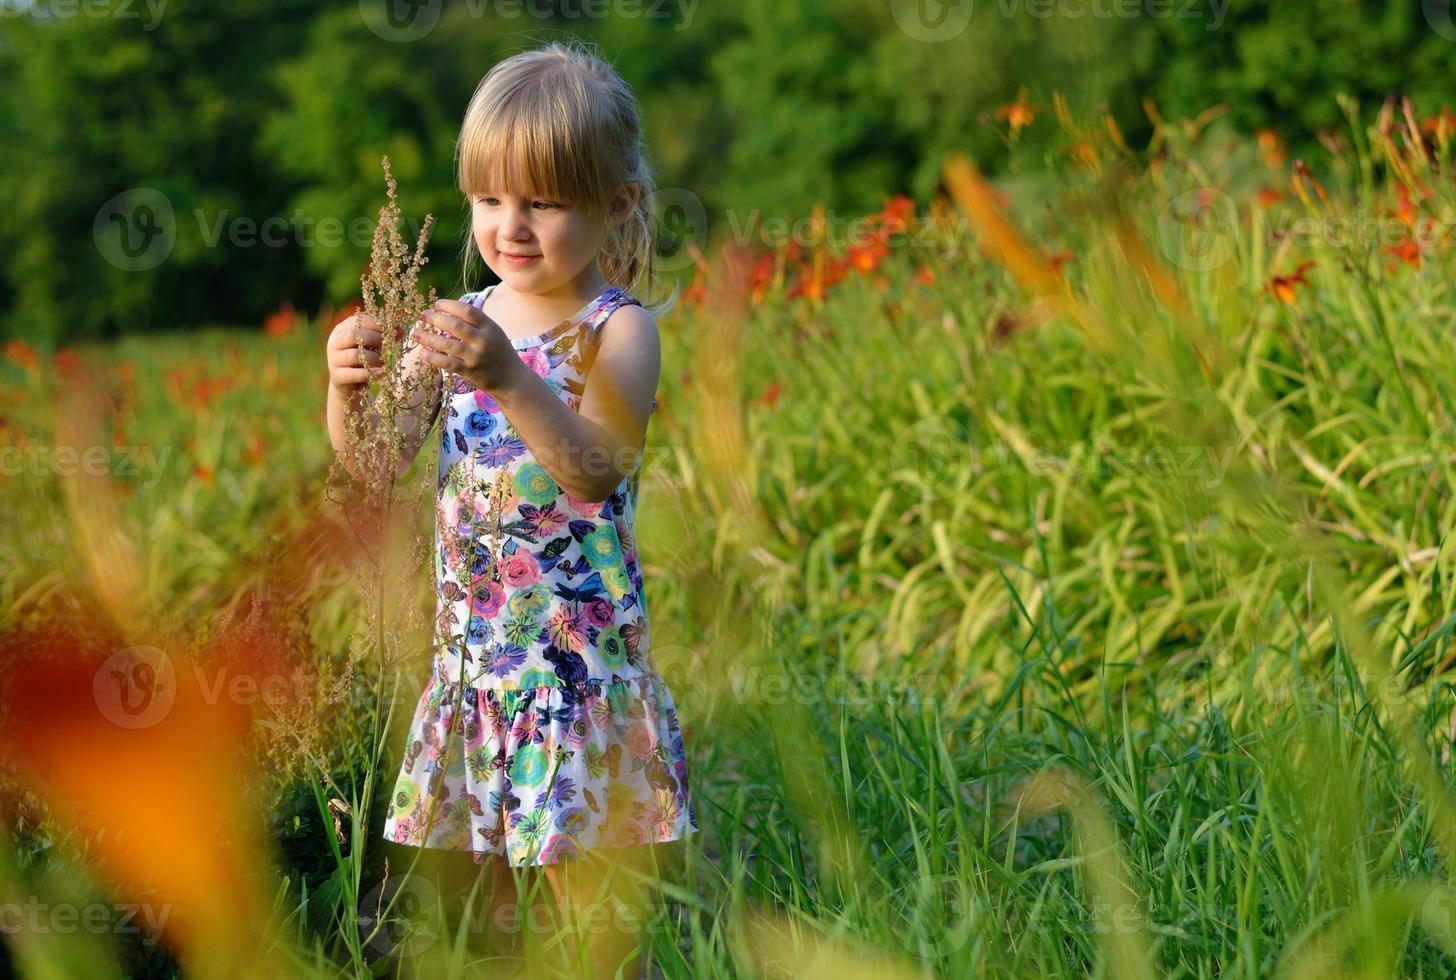 bambina sul prato di fiori. foto